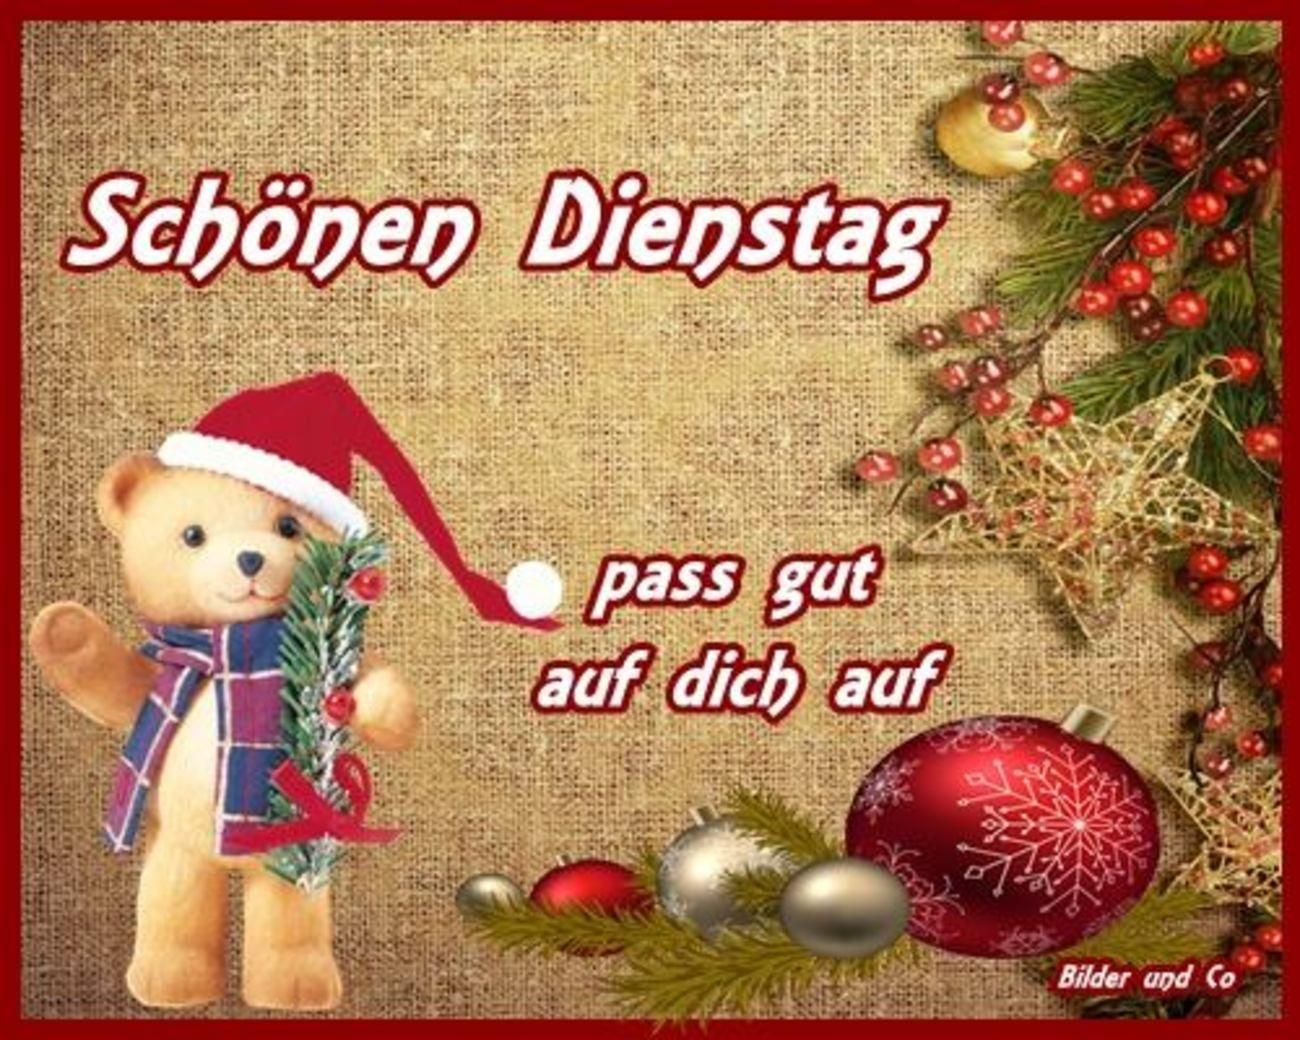 Guten Morgen Schönen Dienstag Weihnachten 86 Gbpicsbilder